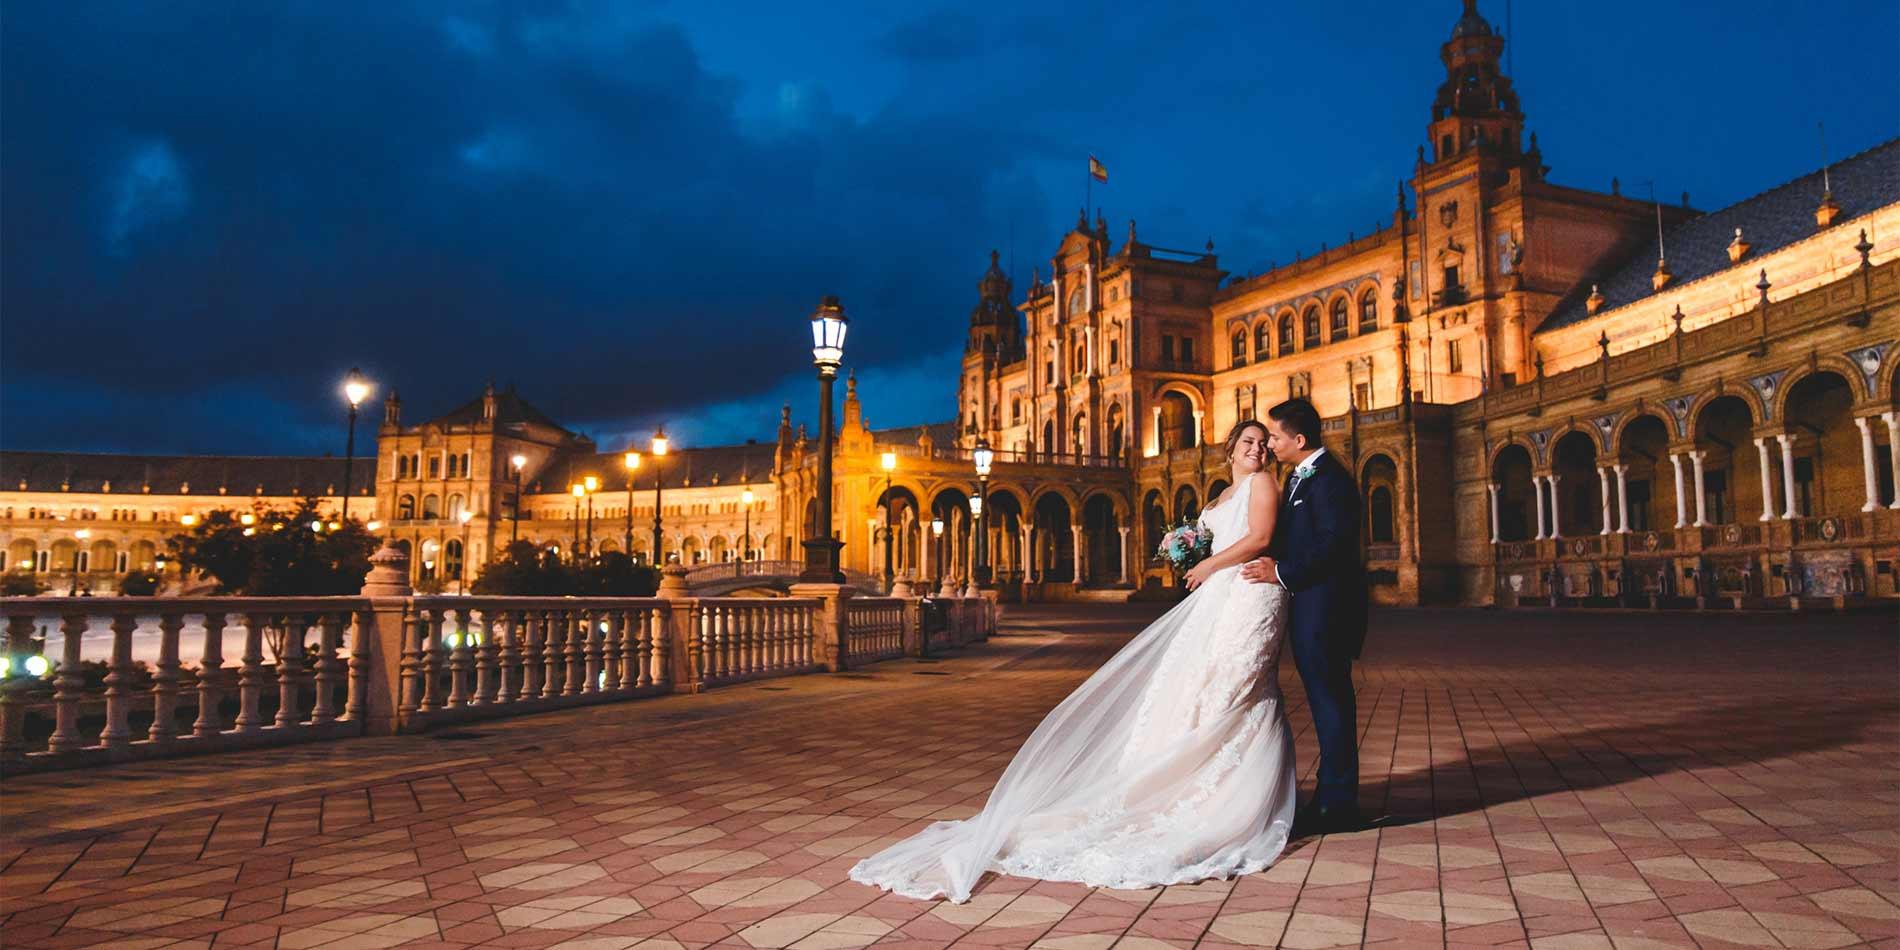 Fotos de boda en Sevilla, pareja de novios en plaza de España de noche